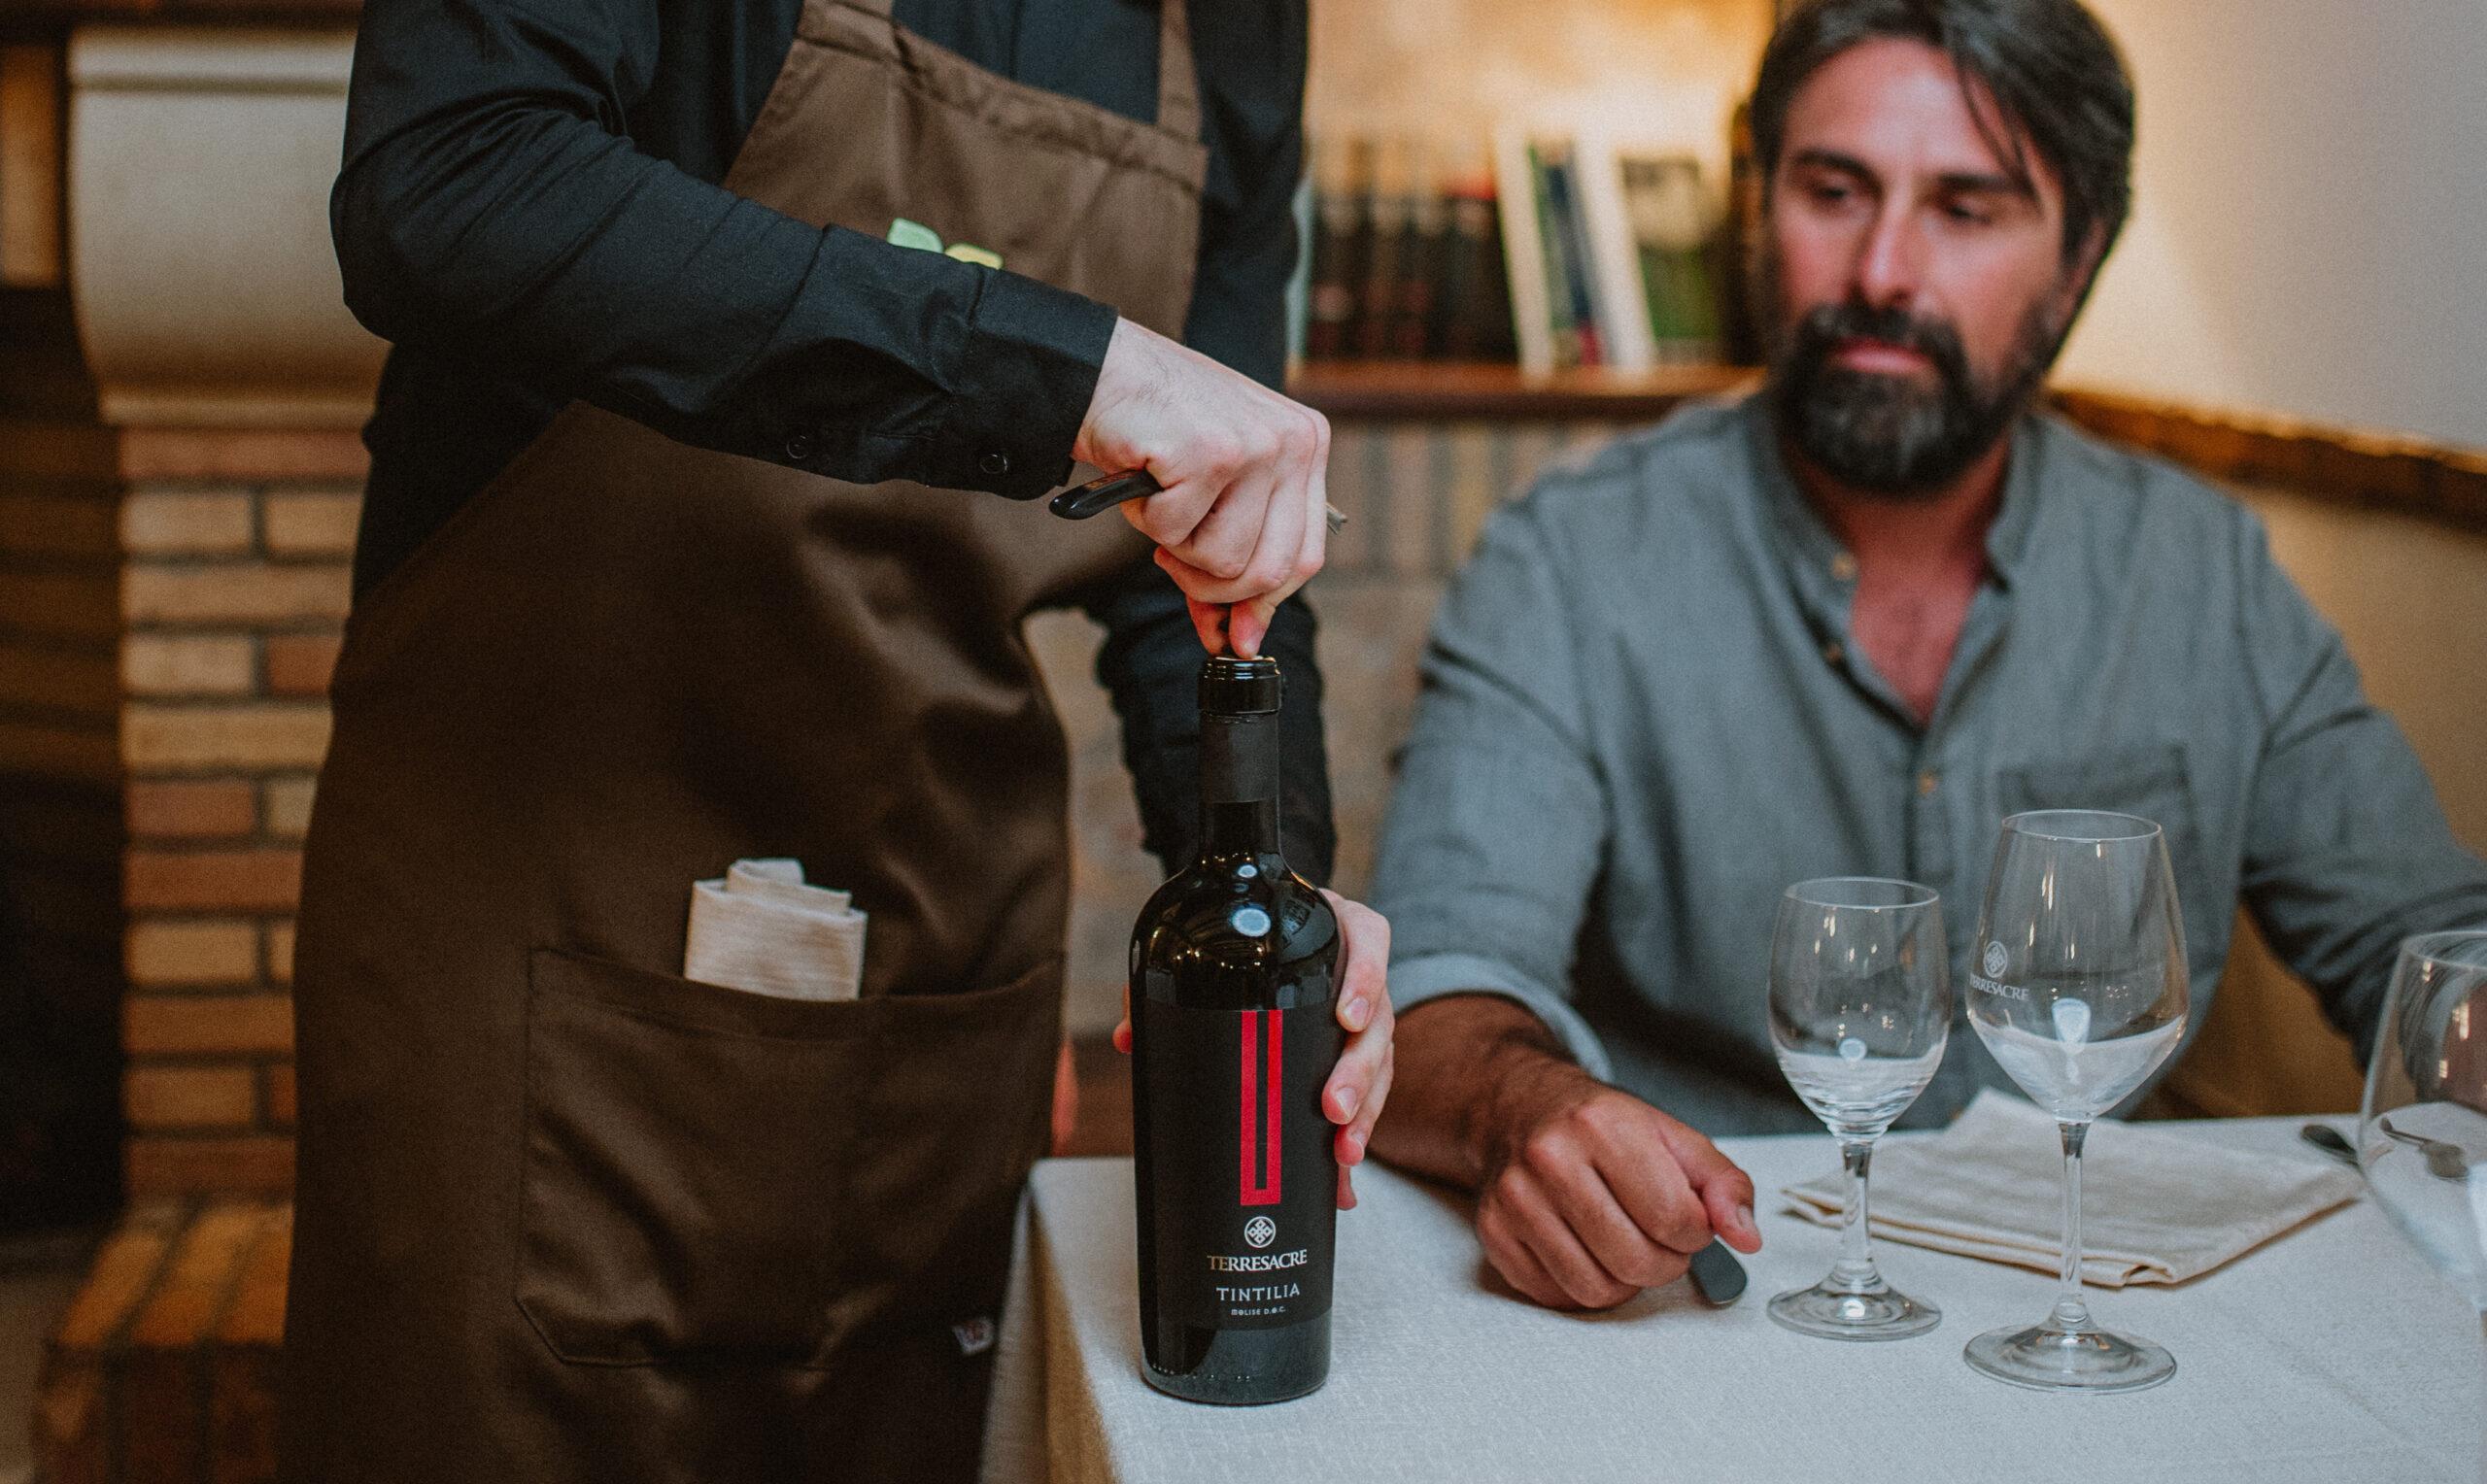 Dall'acquisto alla conservazione del vino, tutto quello che devi sapere